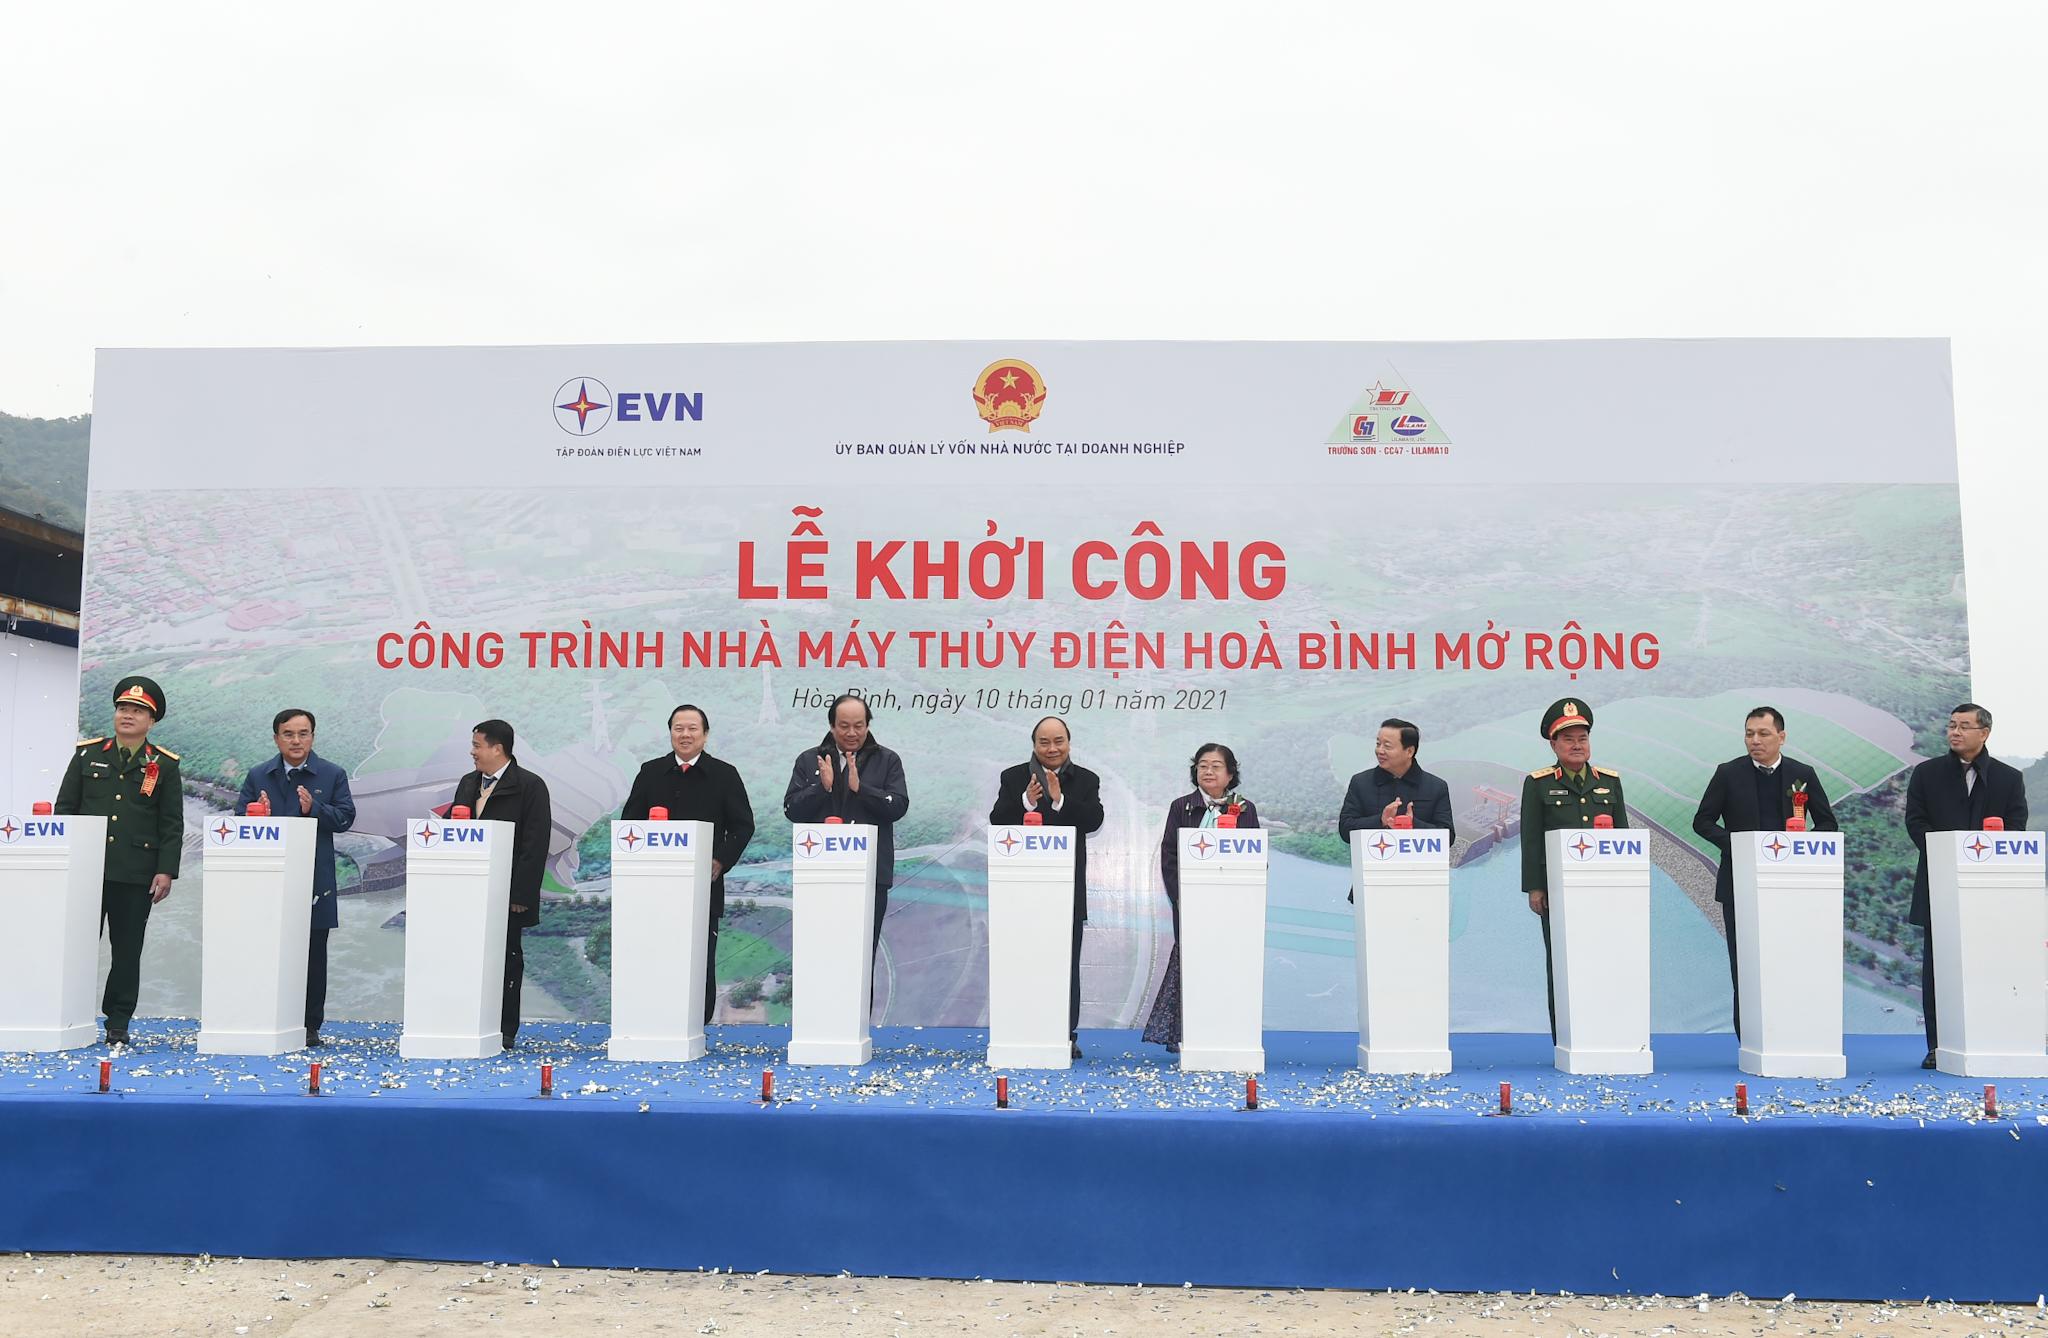 Thủ tướng Nguyễn Xuân Phúc cùng các đại biểu nhấn nút khởi công công trình Nhà máy thủy điện Hòa Bình mở rộng.